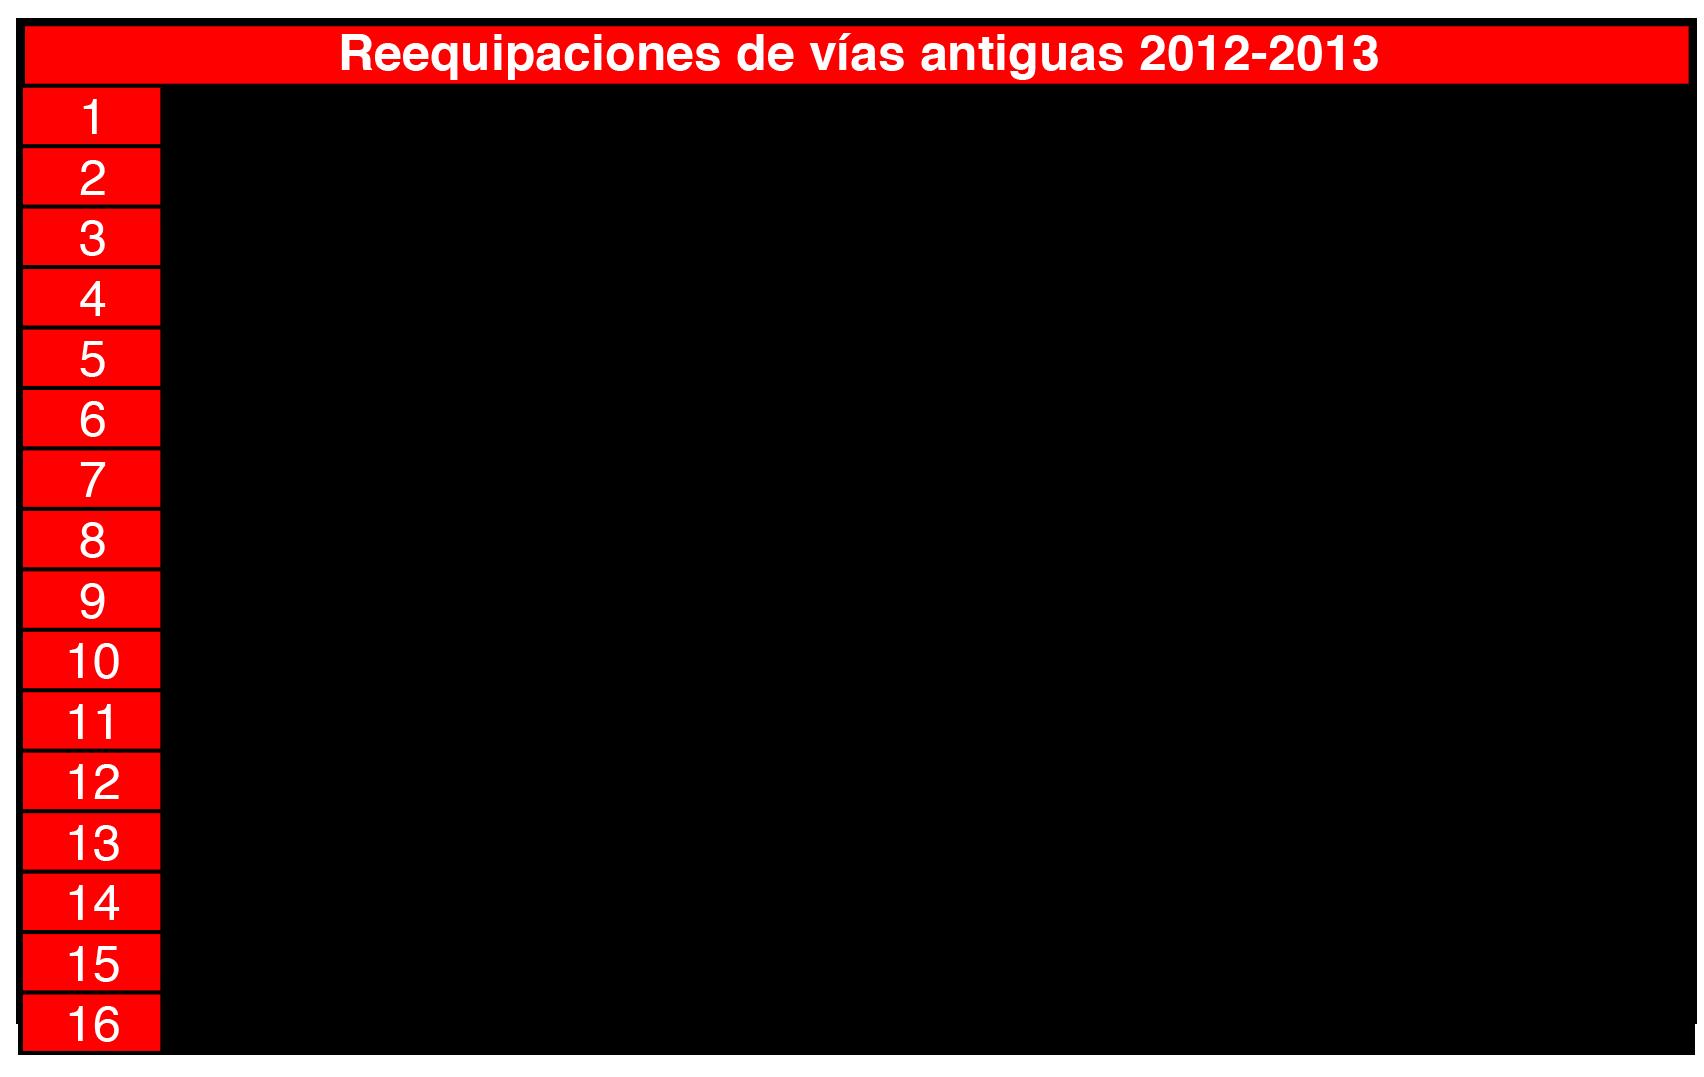 Reequipaciones CEM desde 2011